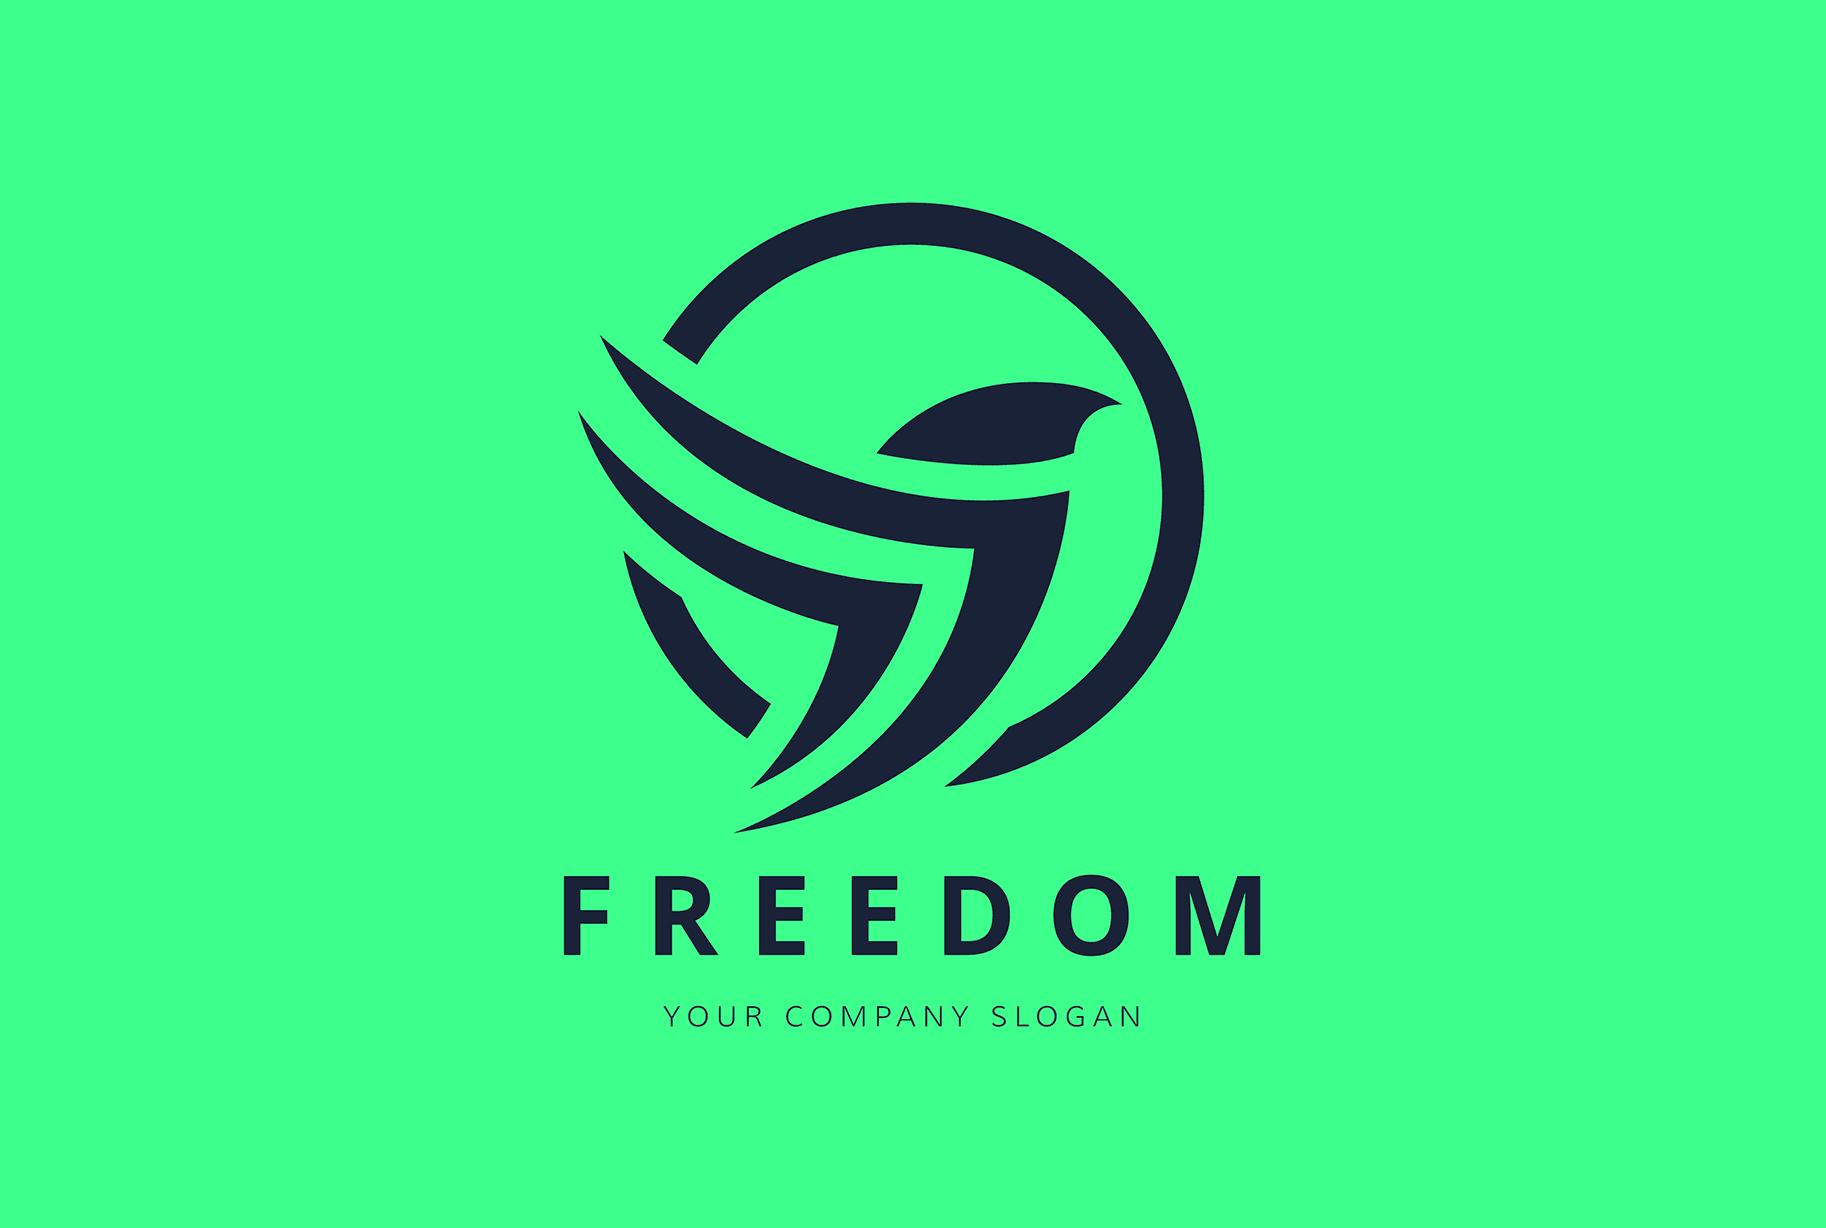 I will do modern business logo design in 12 hours